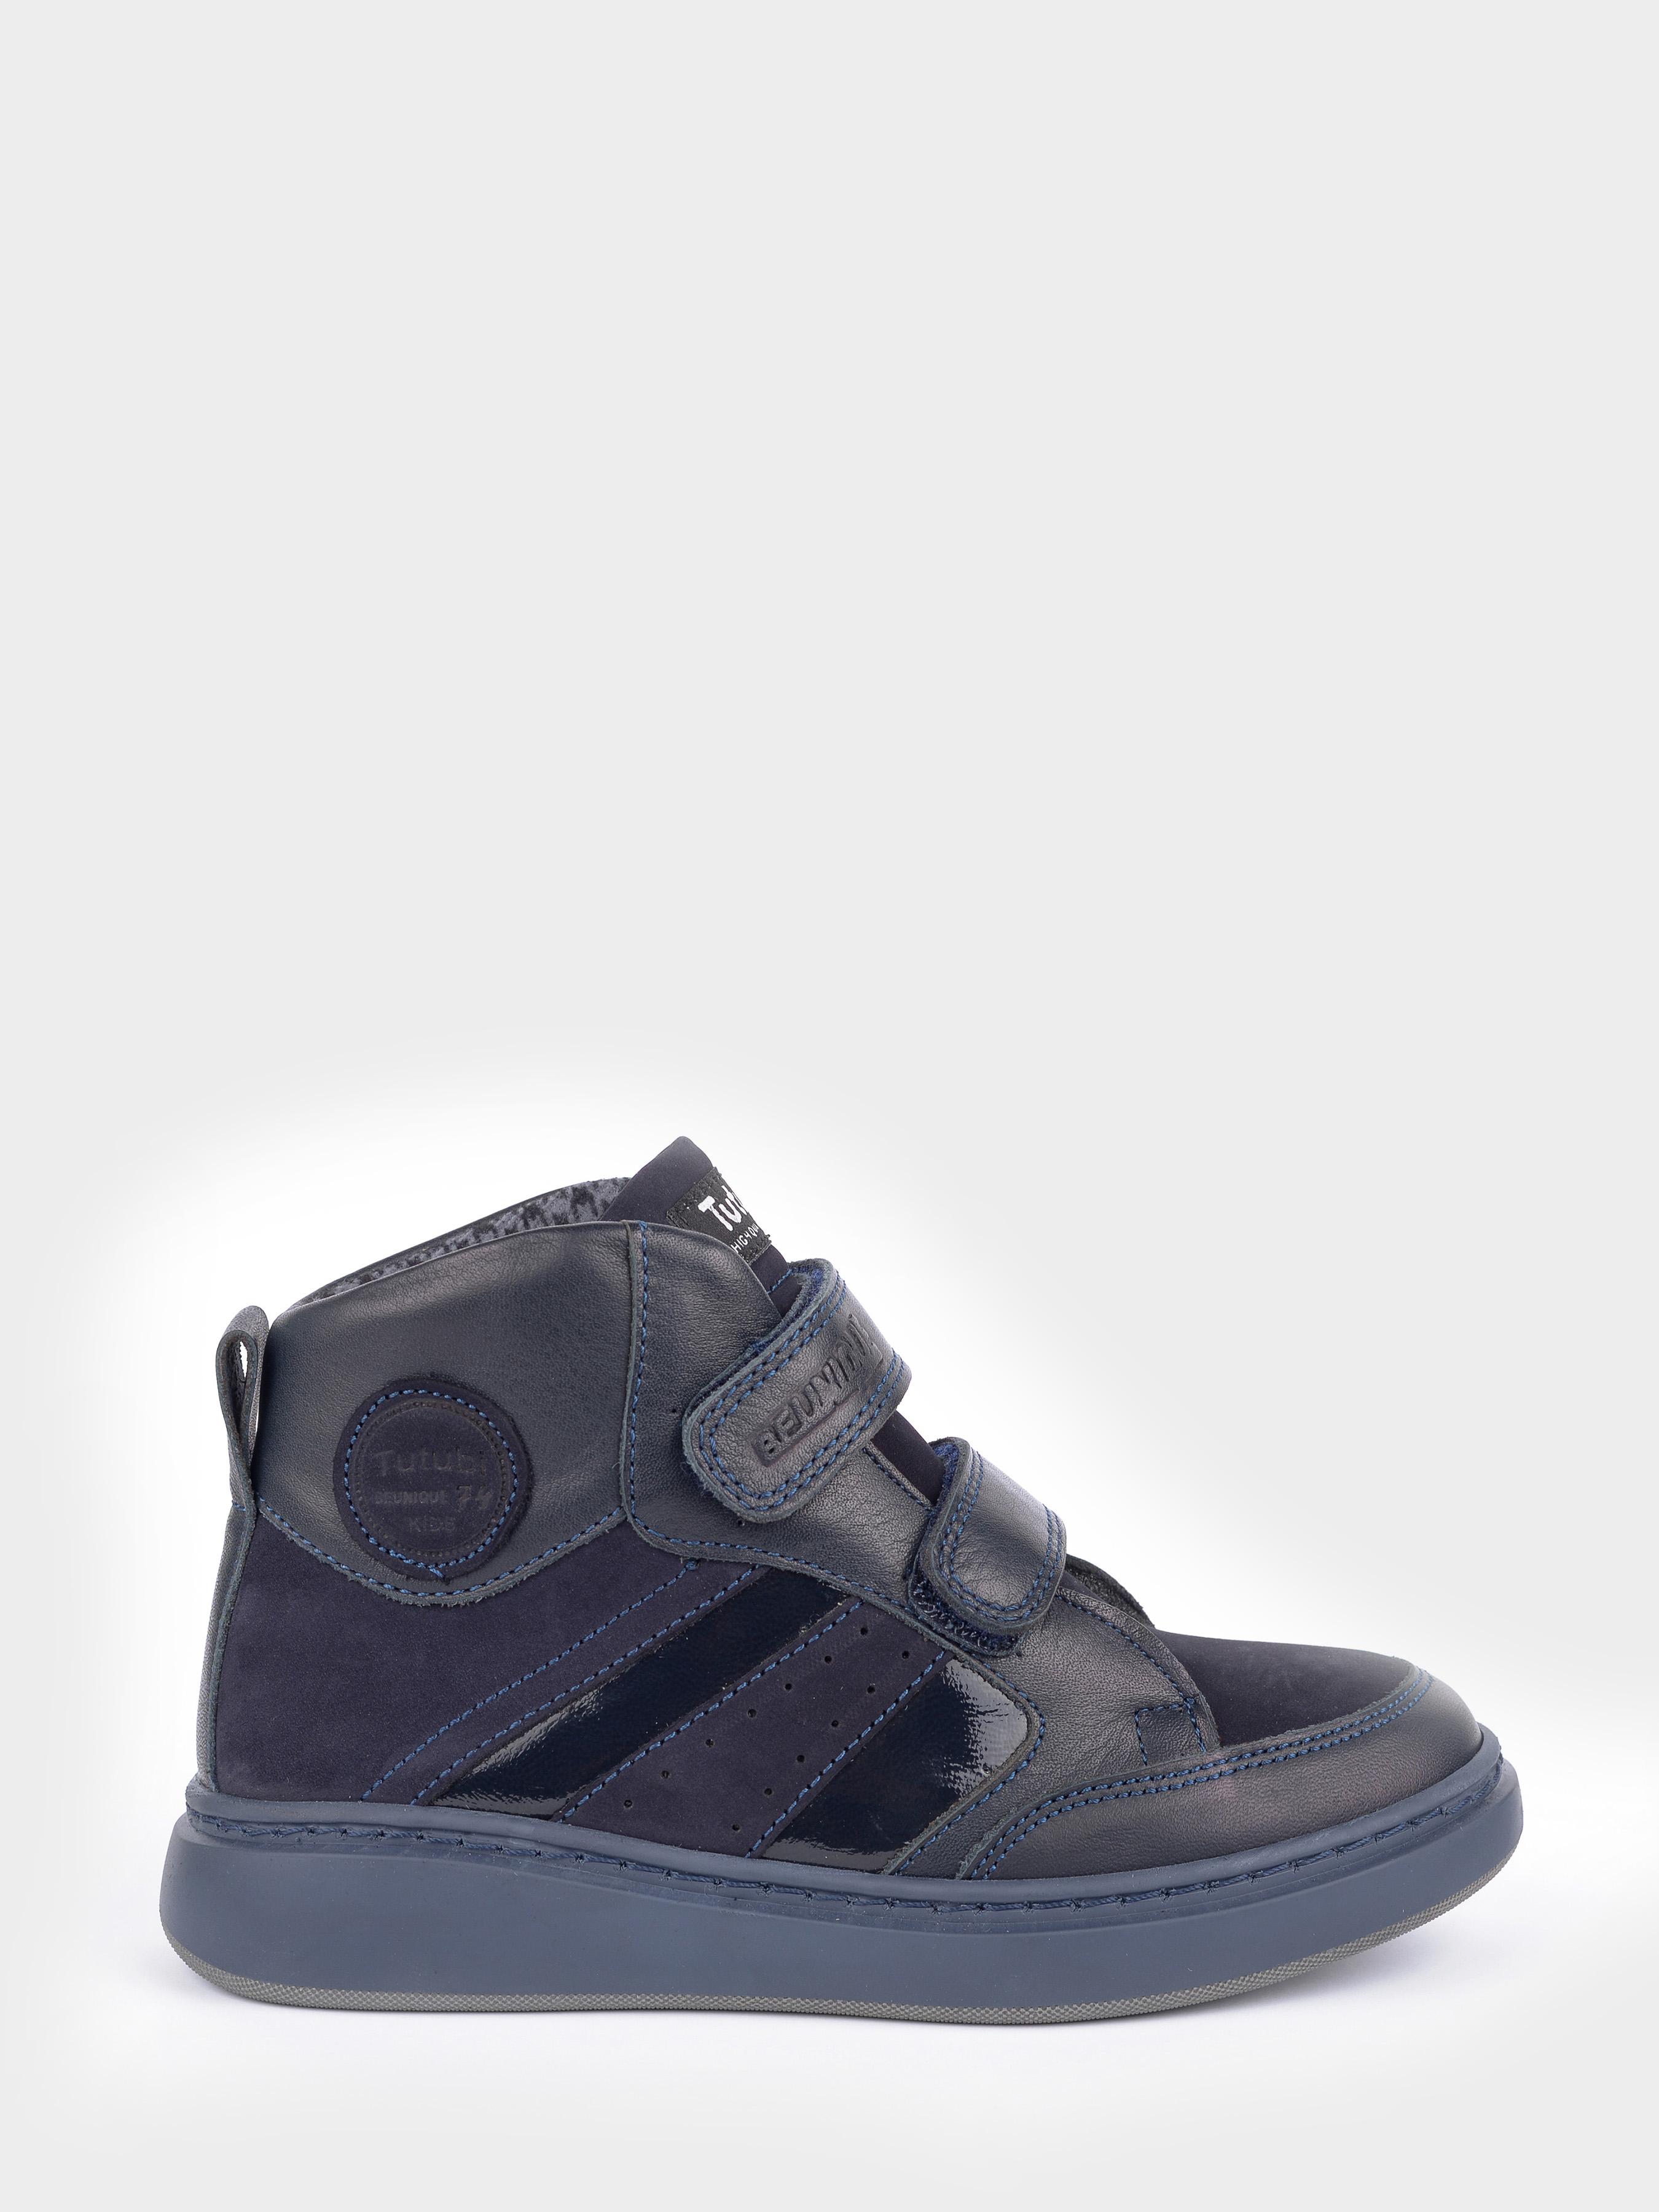 Купить Ботинки детские Демисезонные ботинки для мальчика 1613-PT-02, Tutubi, Черный